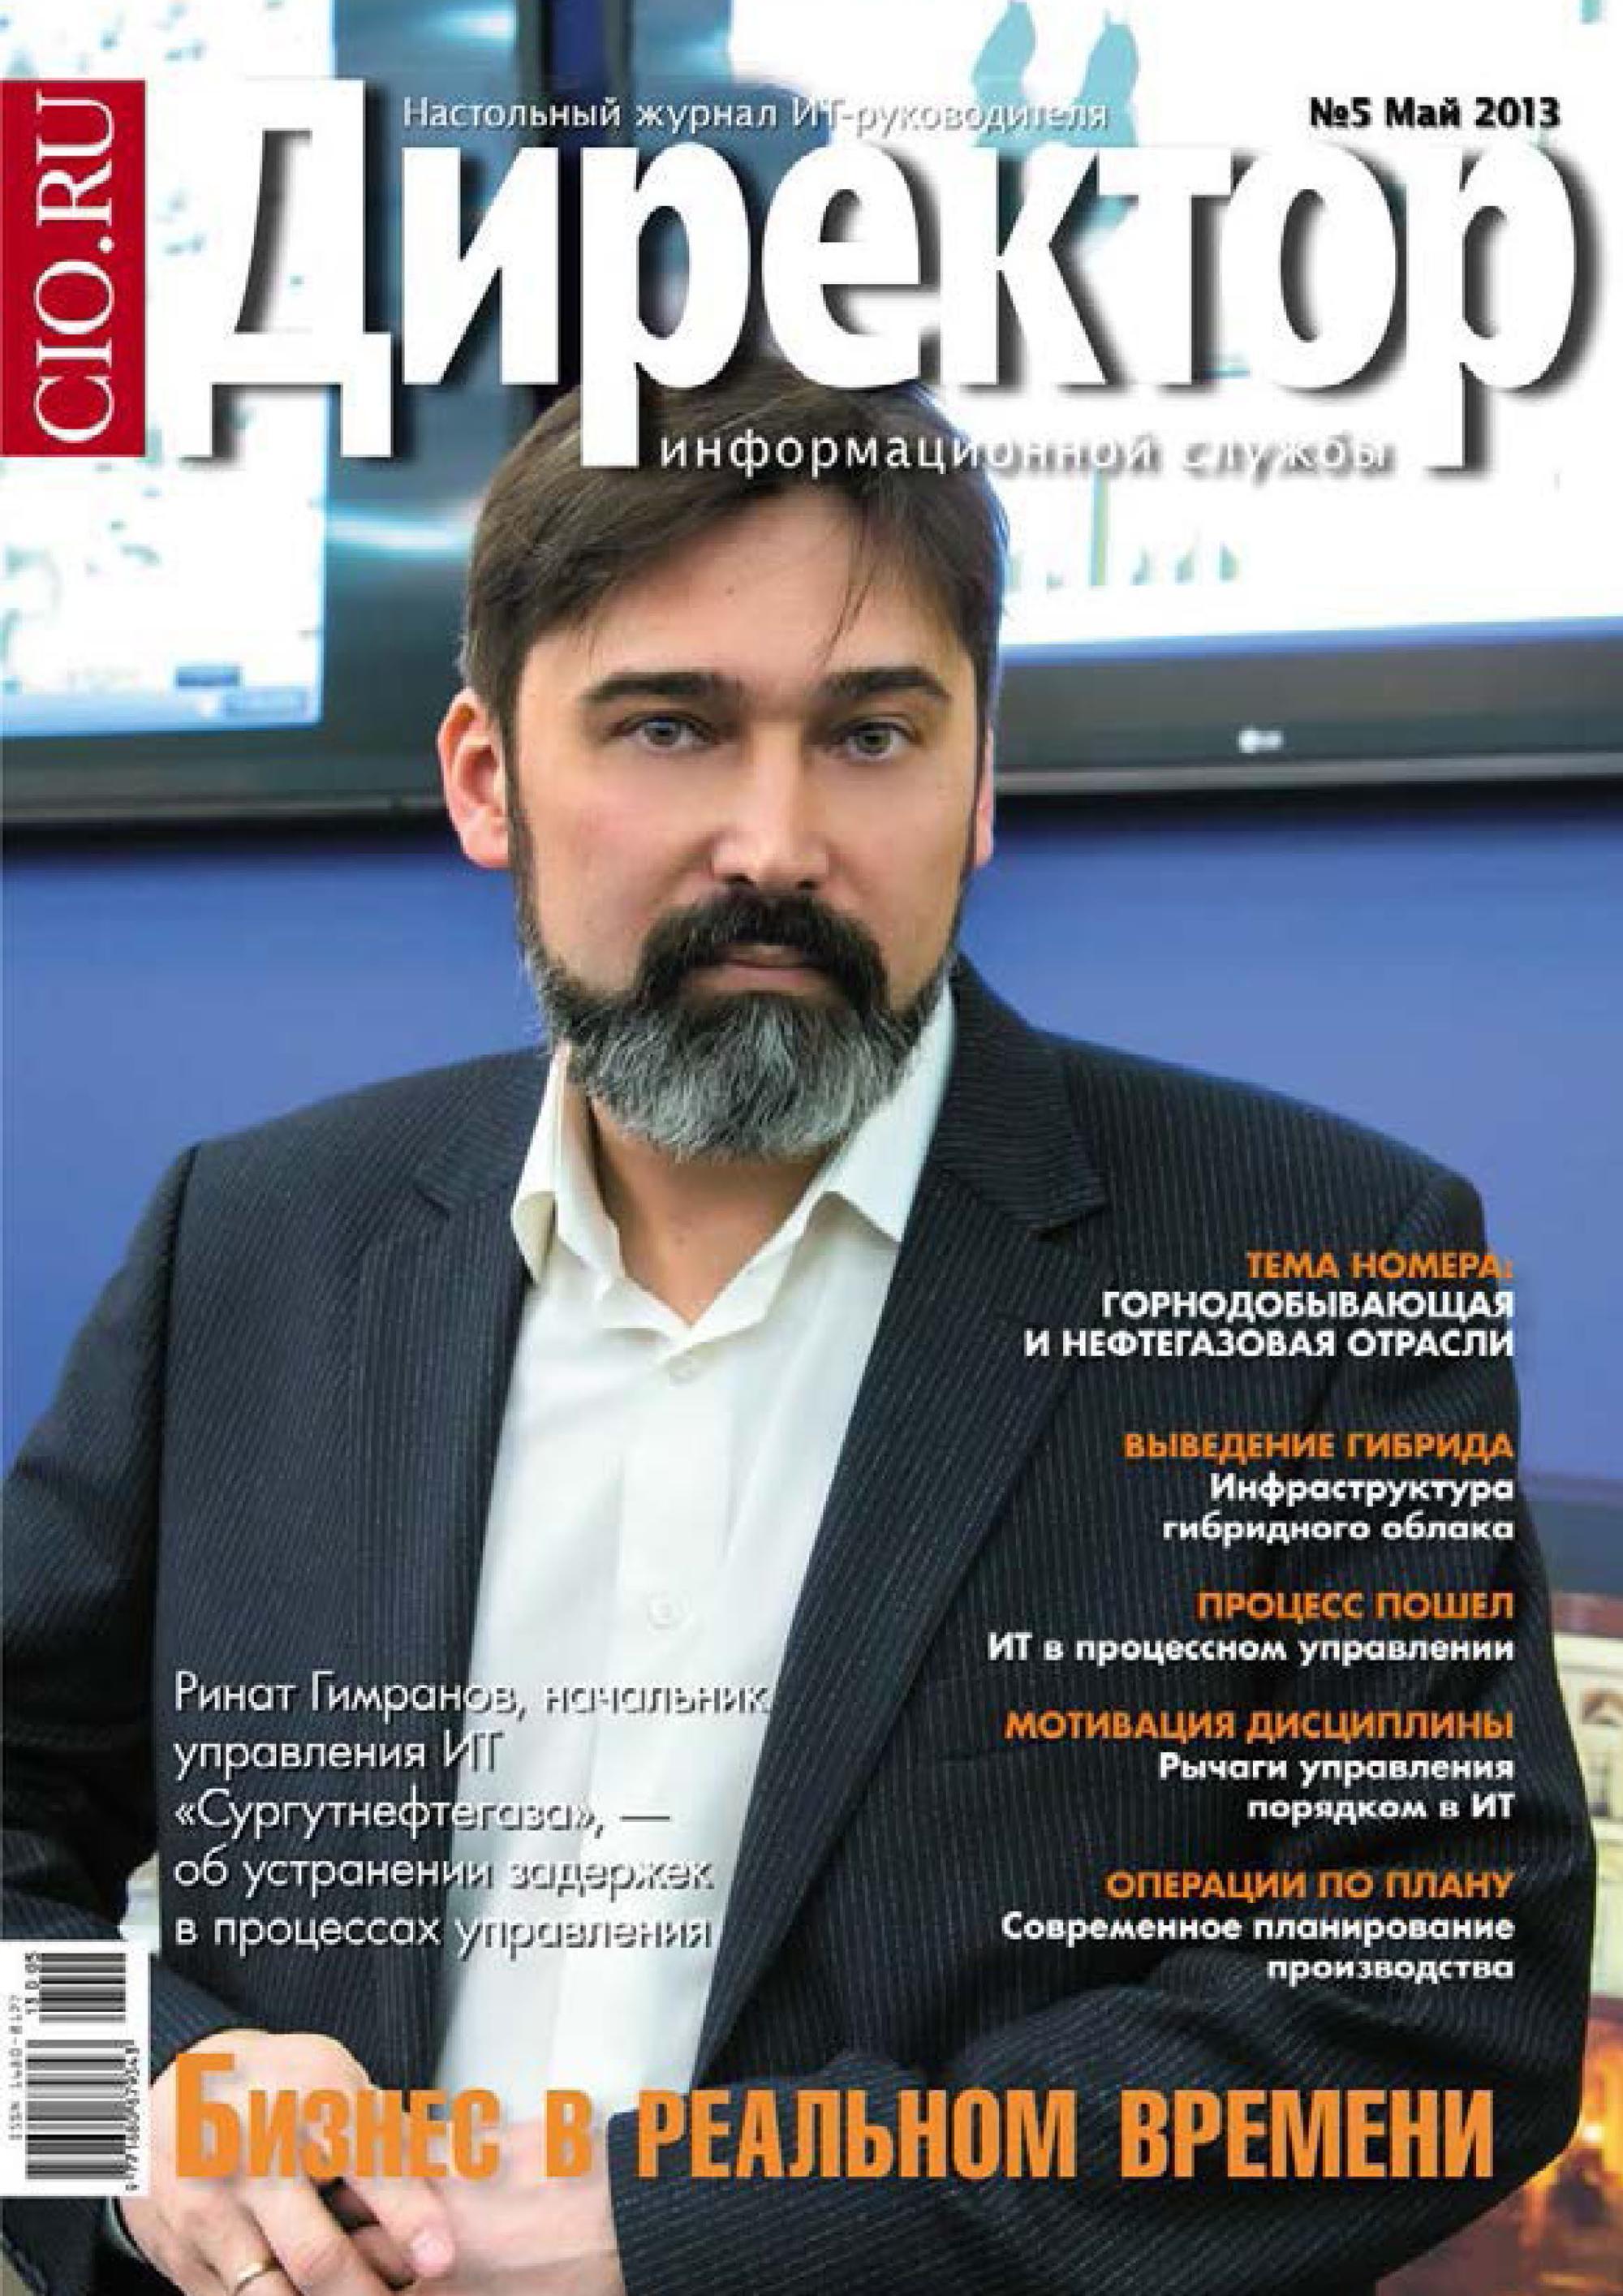 Директор информационной службы №05/2013